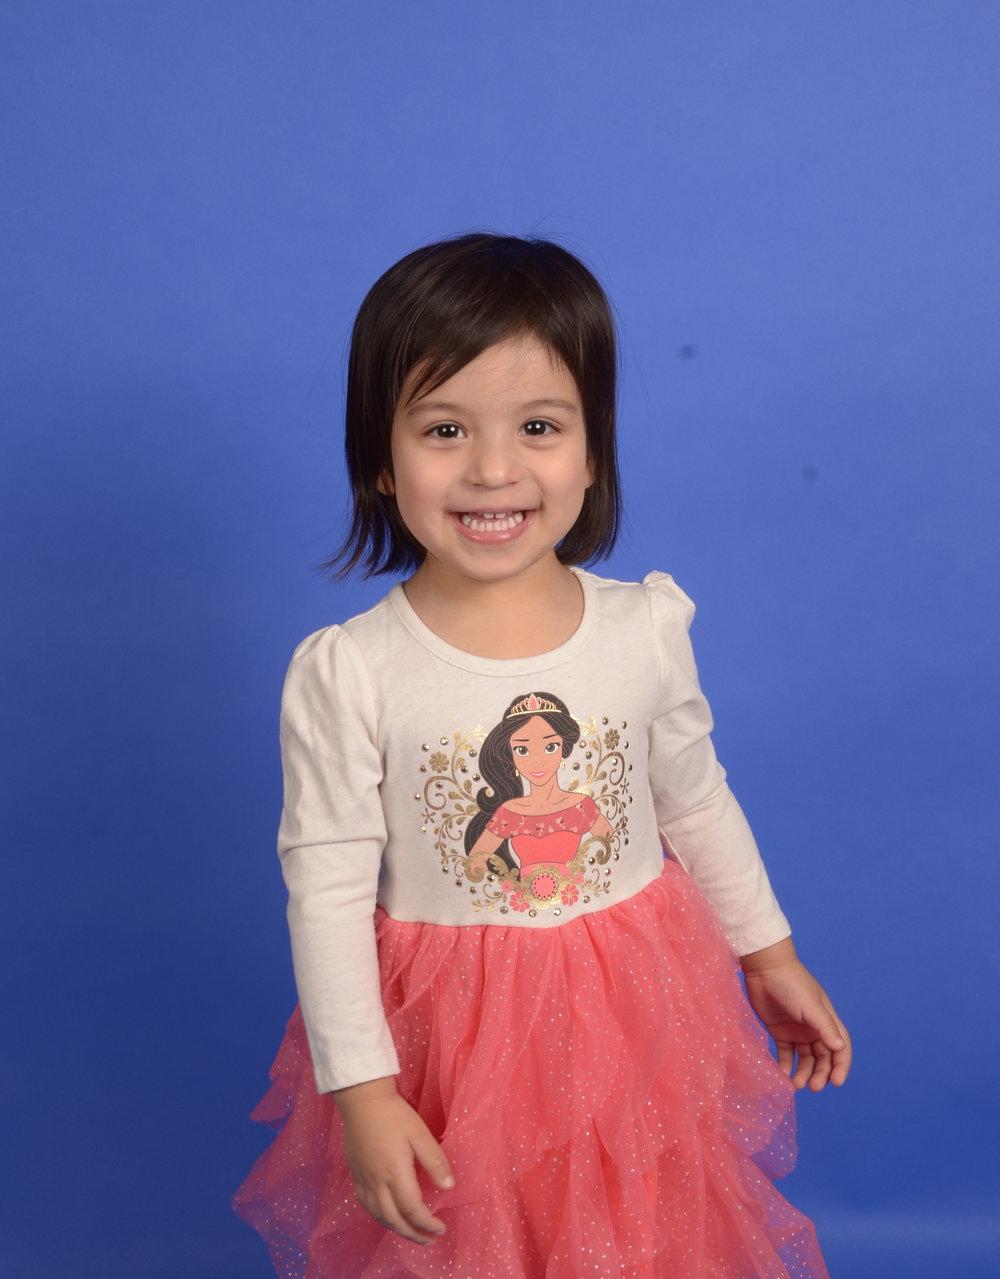 Neya, age 2